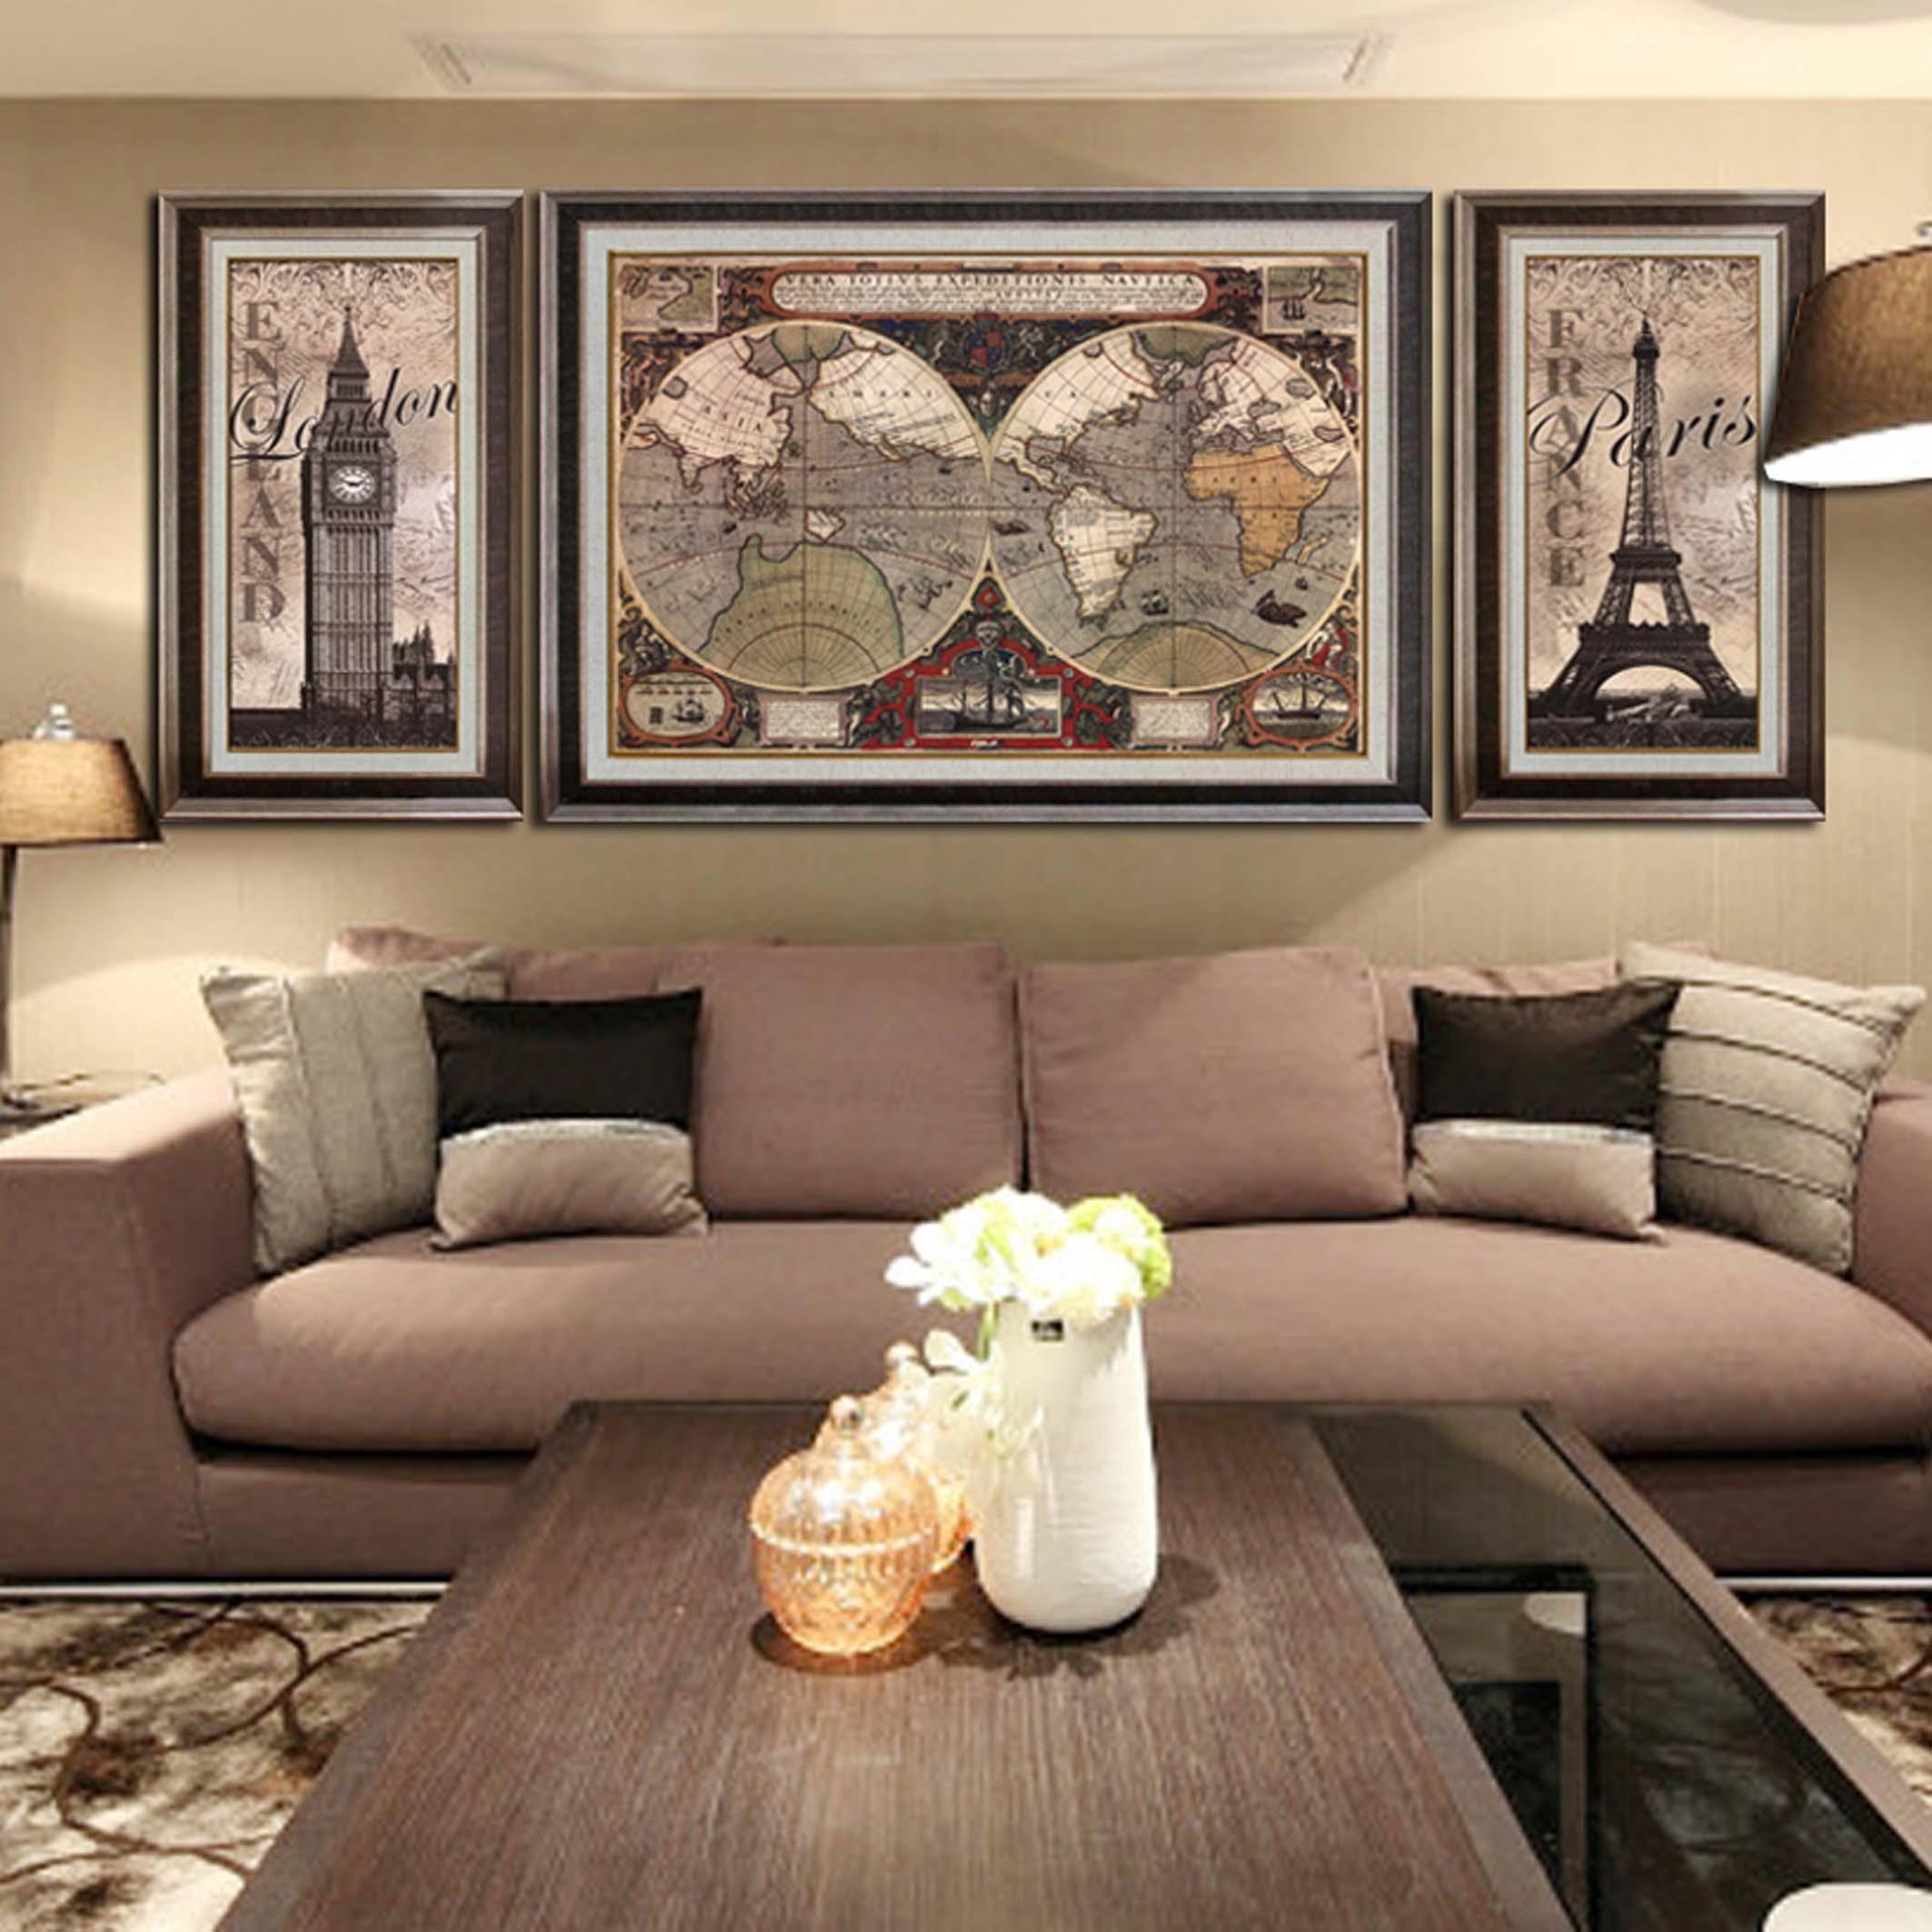 美式客厅装饰画地图沙发背景墙画壁画书房卧室有框画 世界地图图片